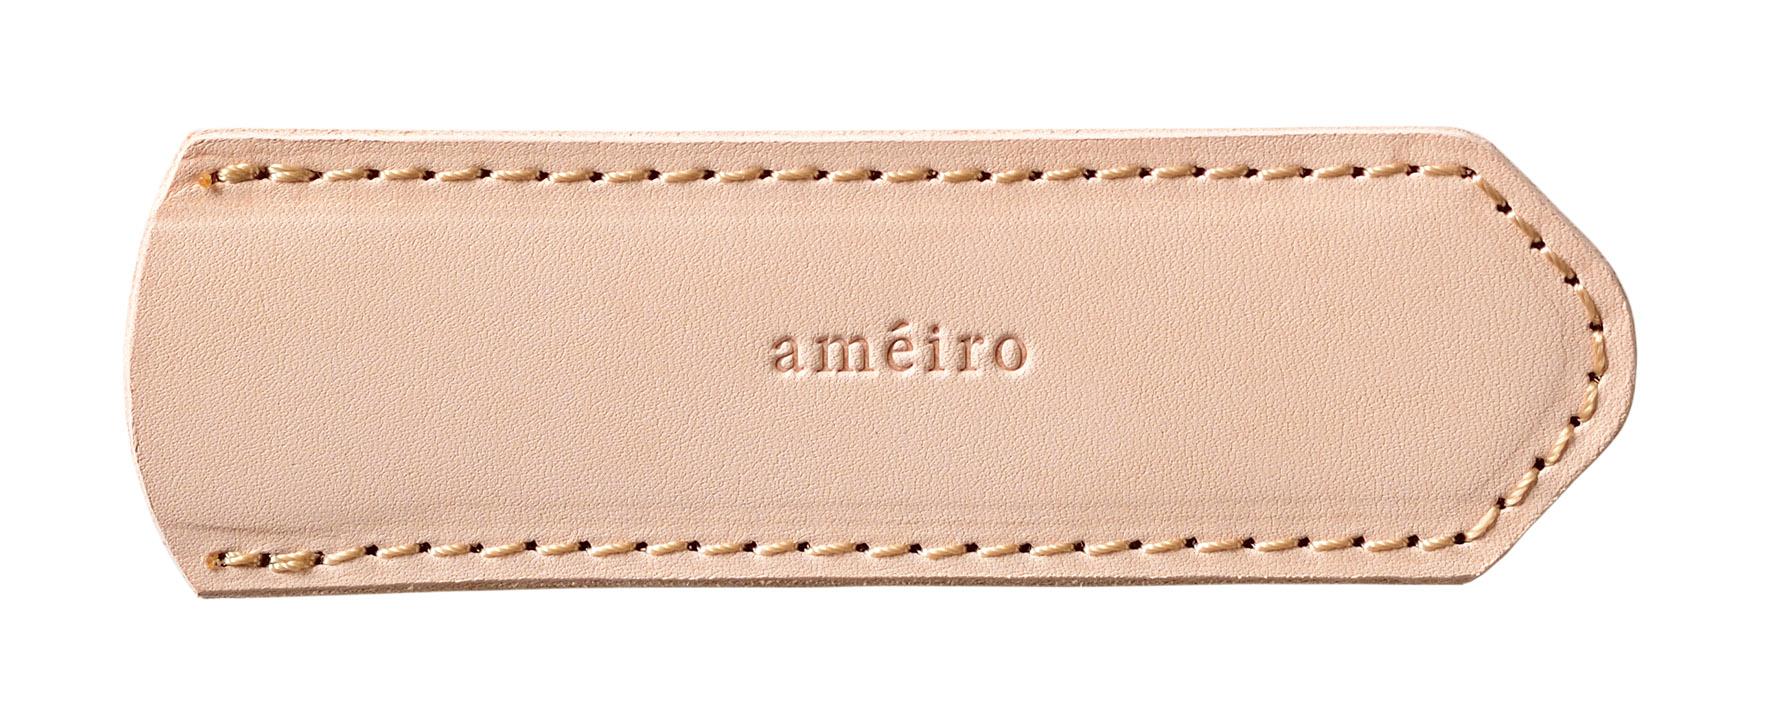 ameiro フライパン 20 (錫メッキ加工 可)